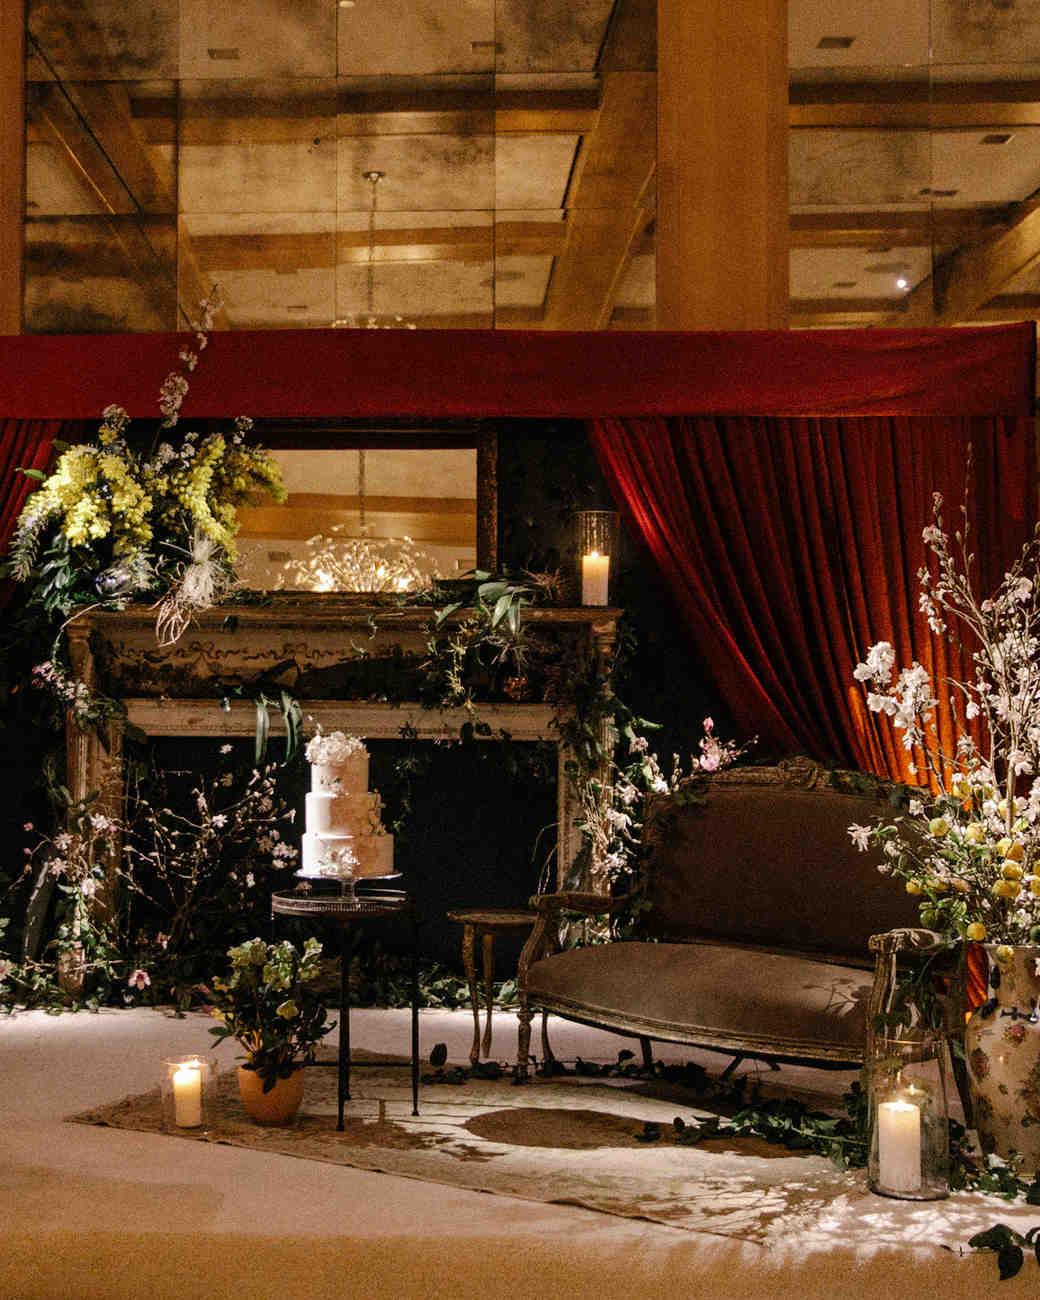 mia patrick wedding three tier cake display